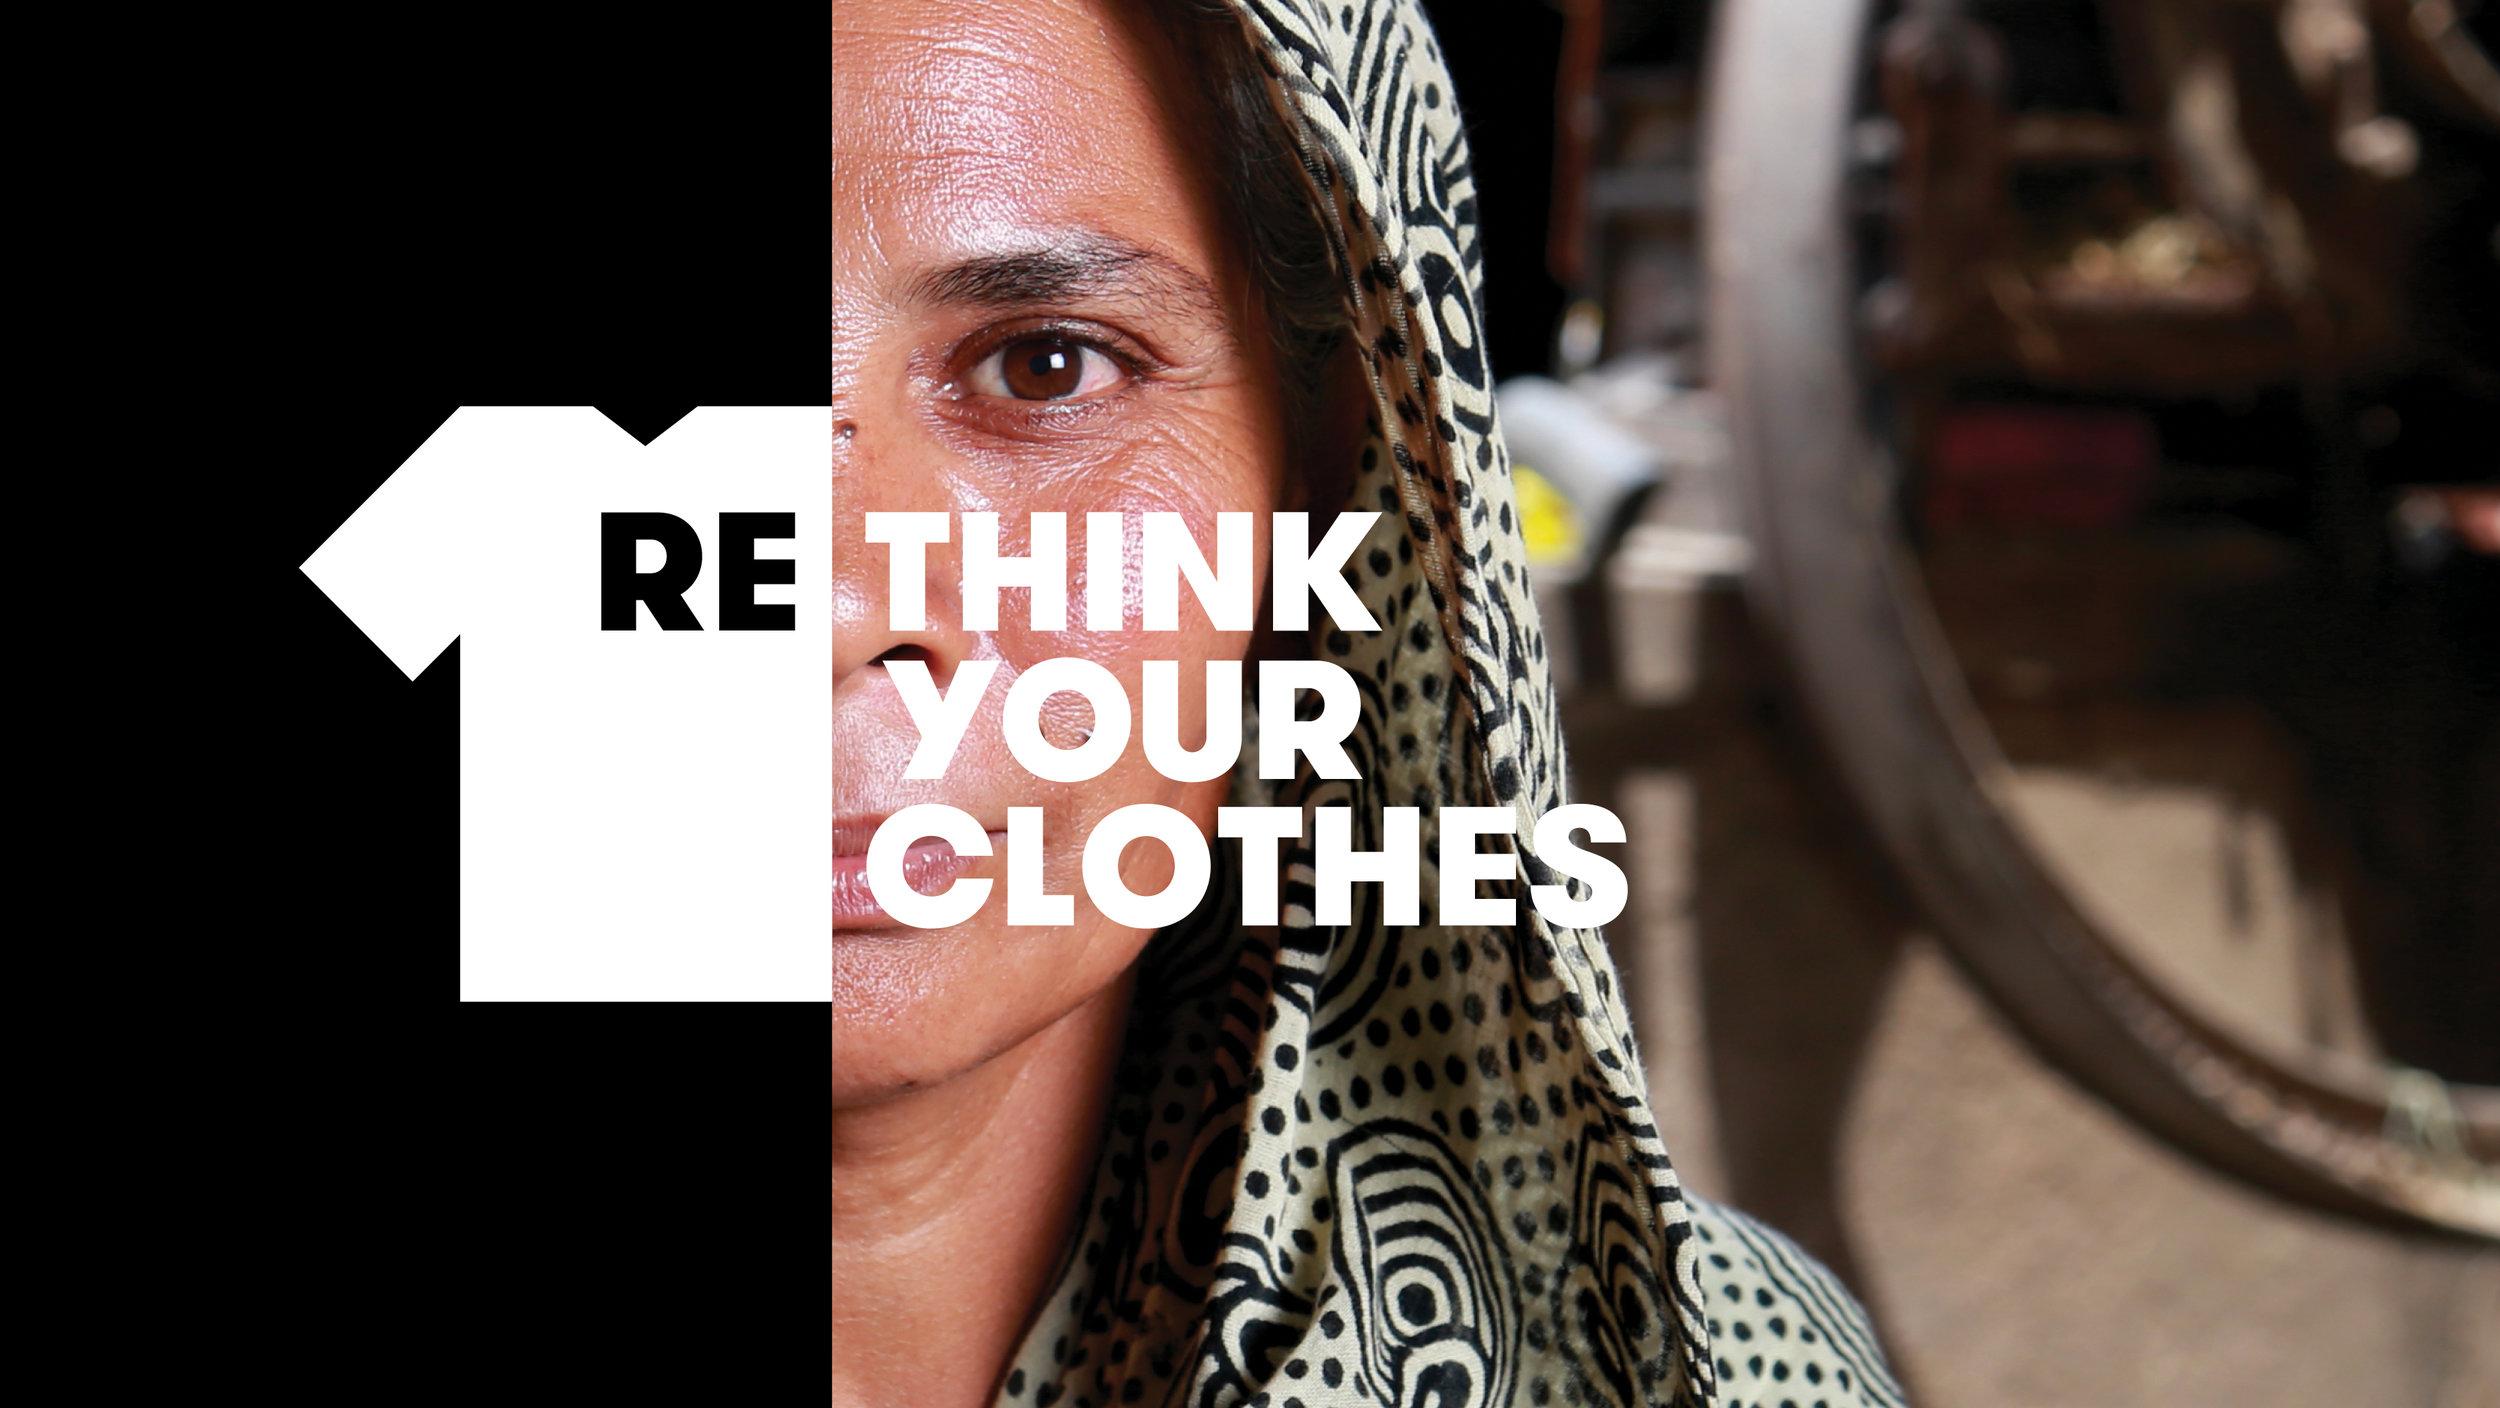 2018012678_Fairtrade_Ethique sur Etiquette_facebook_1.jpg